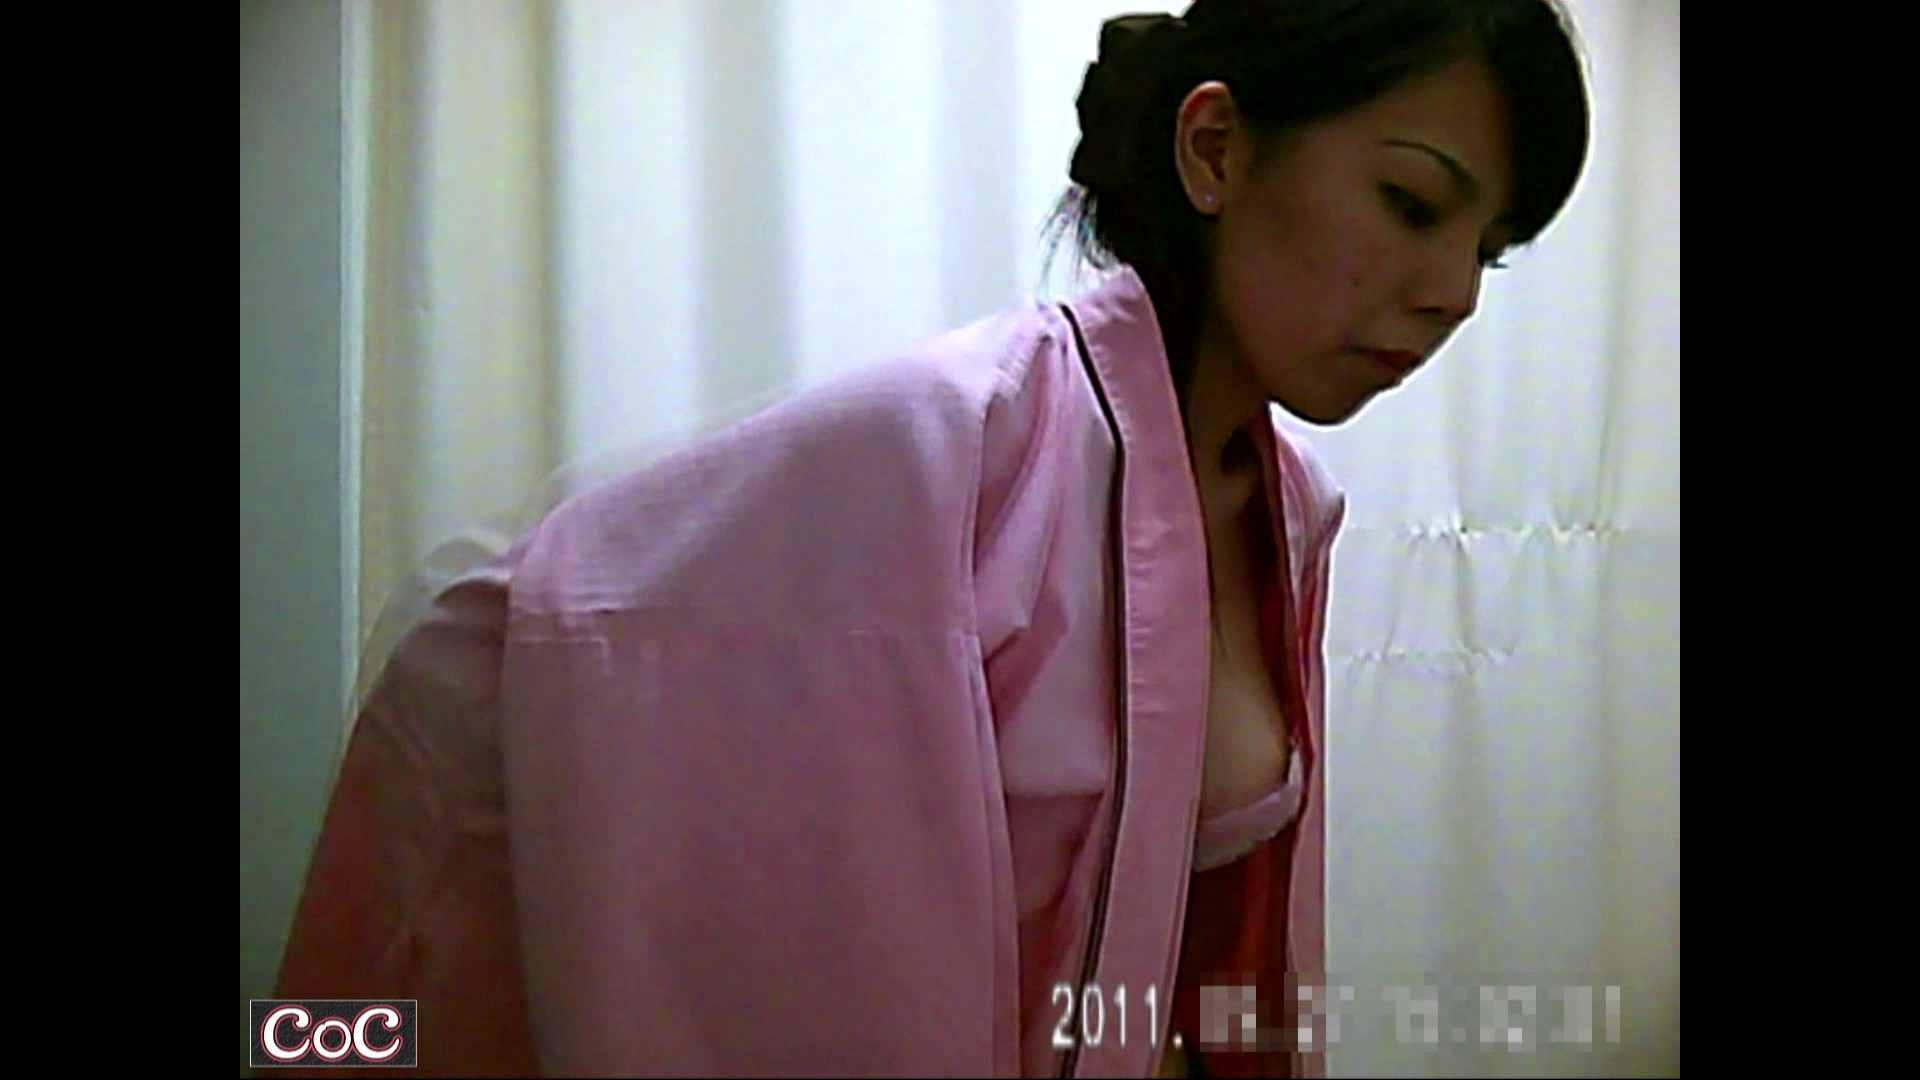 巨乳 乳首:元医者による反抗 更衣室地獄絵巻 vol.258:怪盗ジョーカー